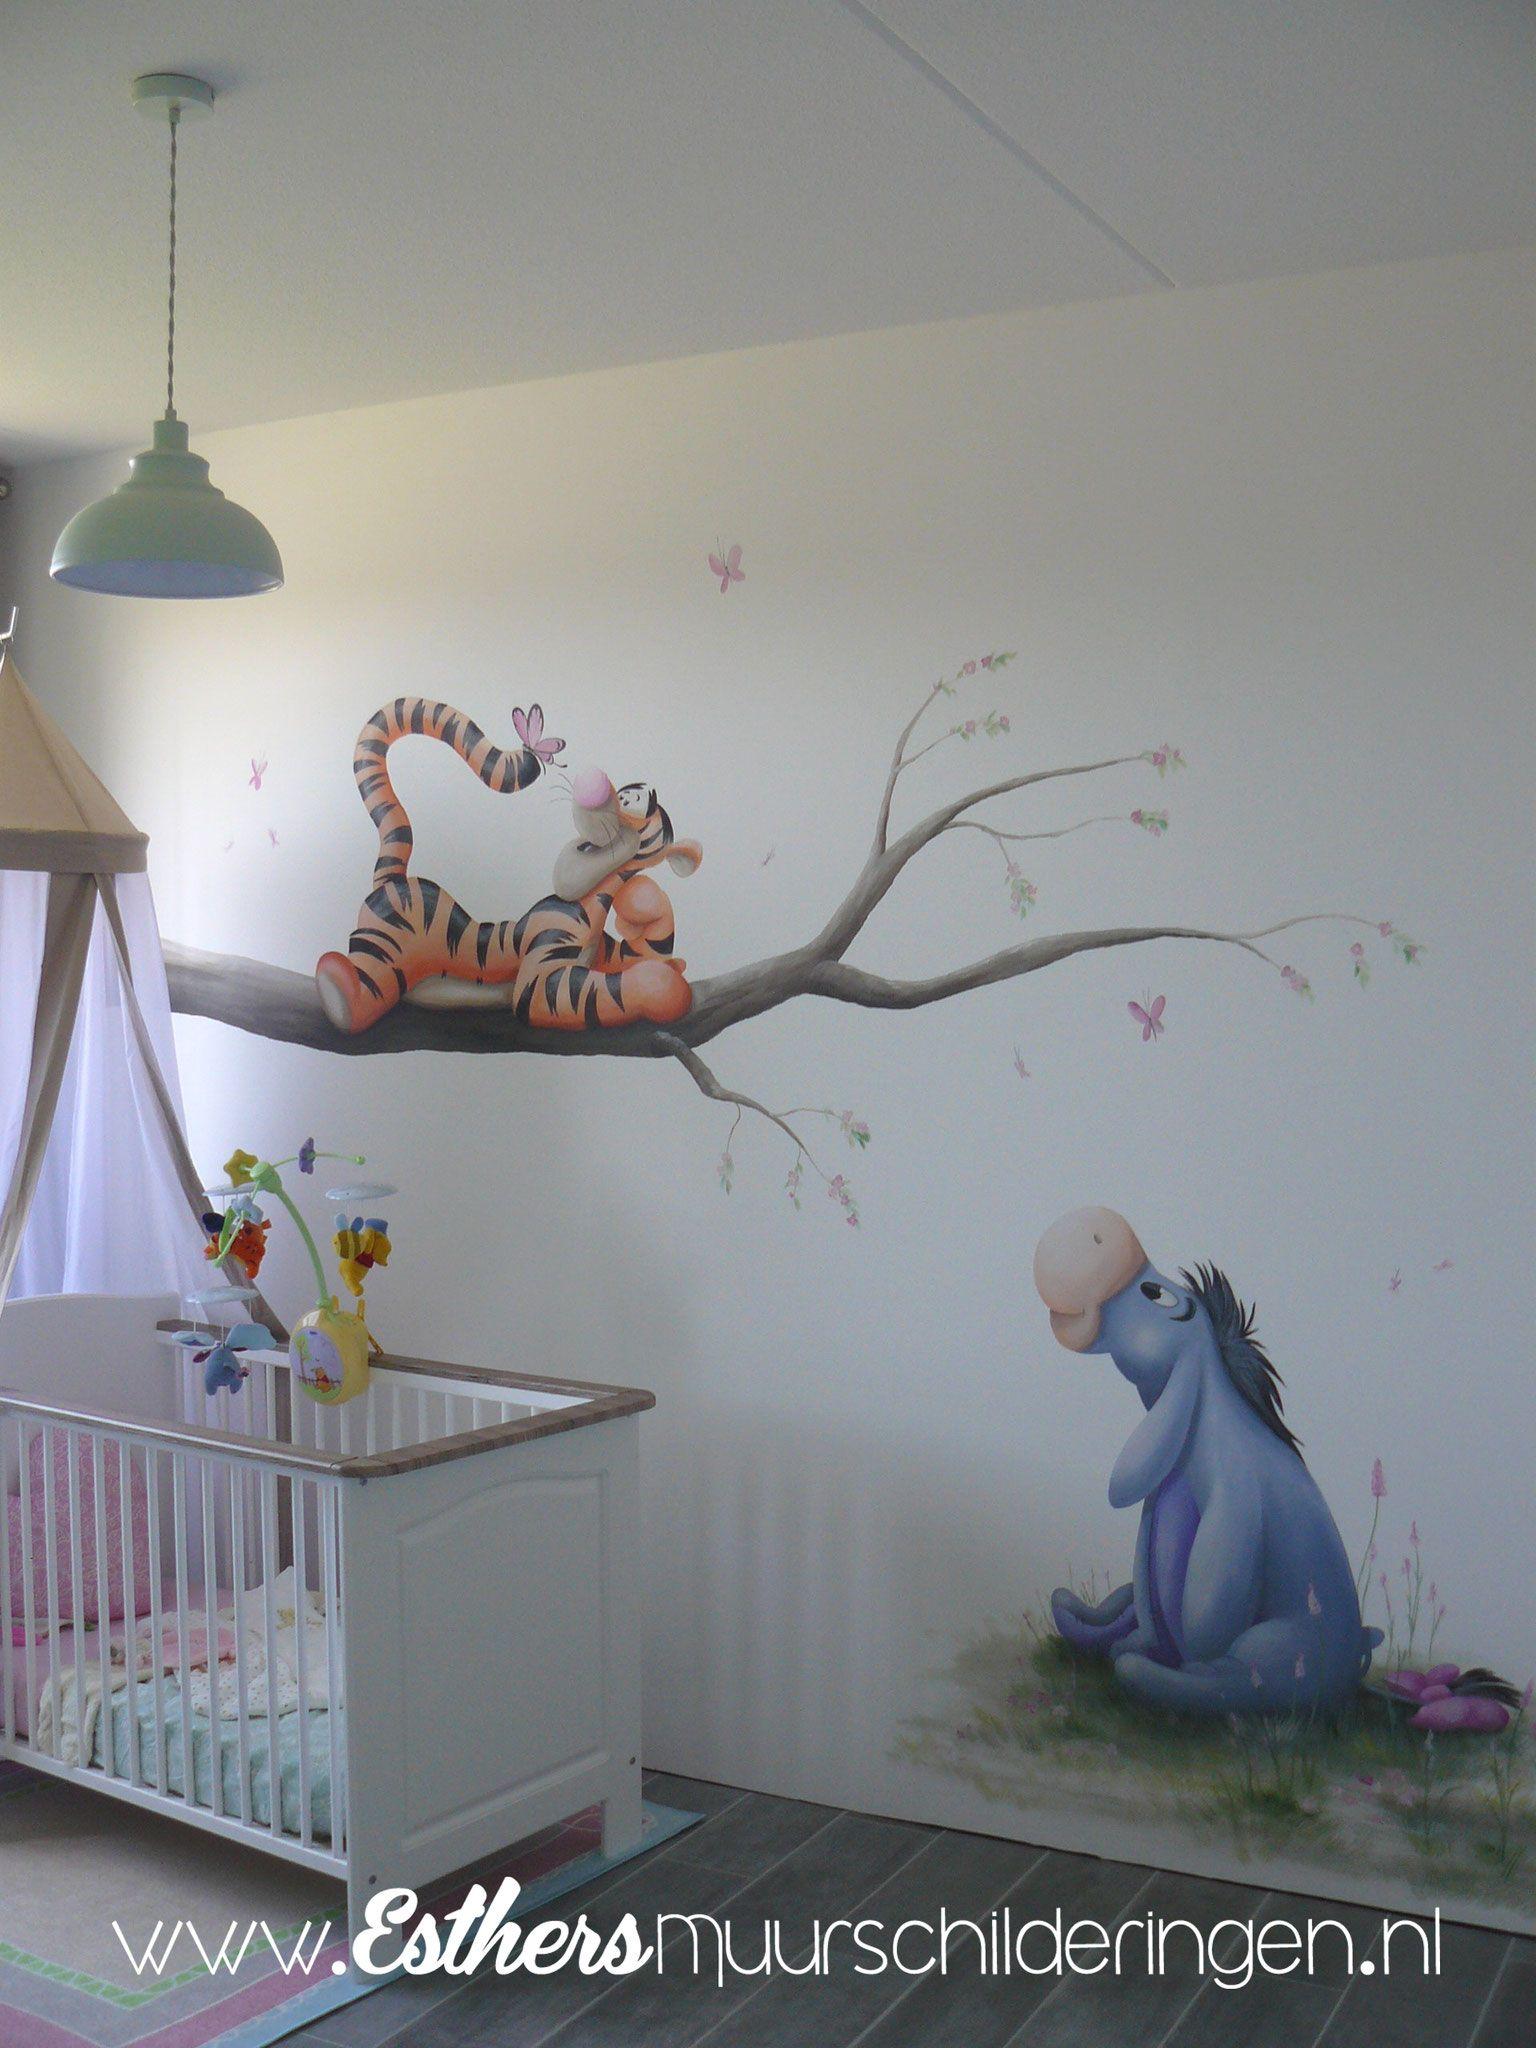 Muurstickers Babykamer Tijgertje.Muurschildering Eeyore En Tijgertje Op De Babaykamer